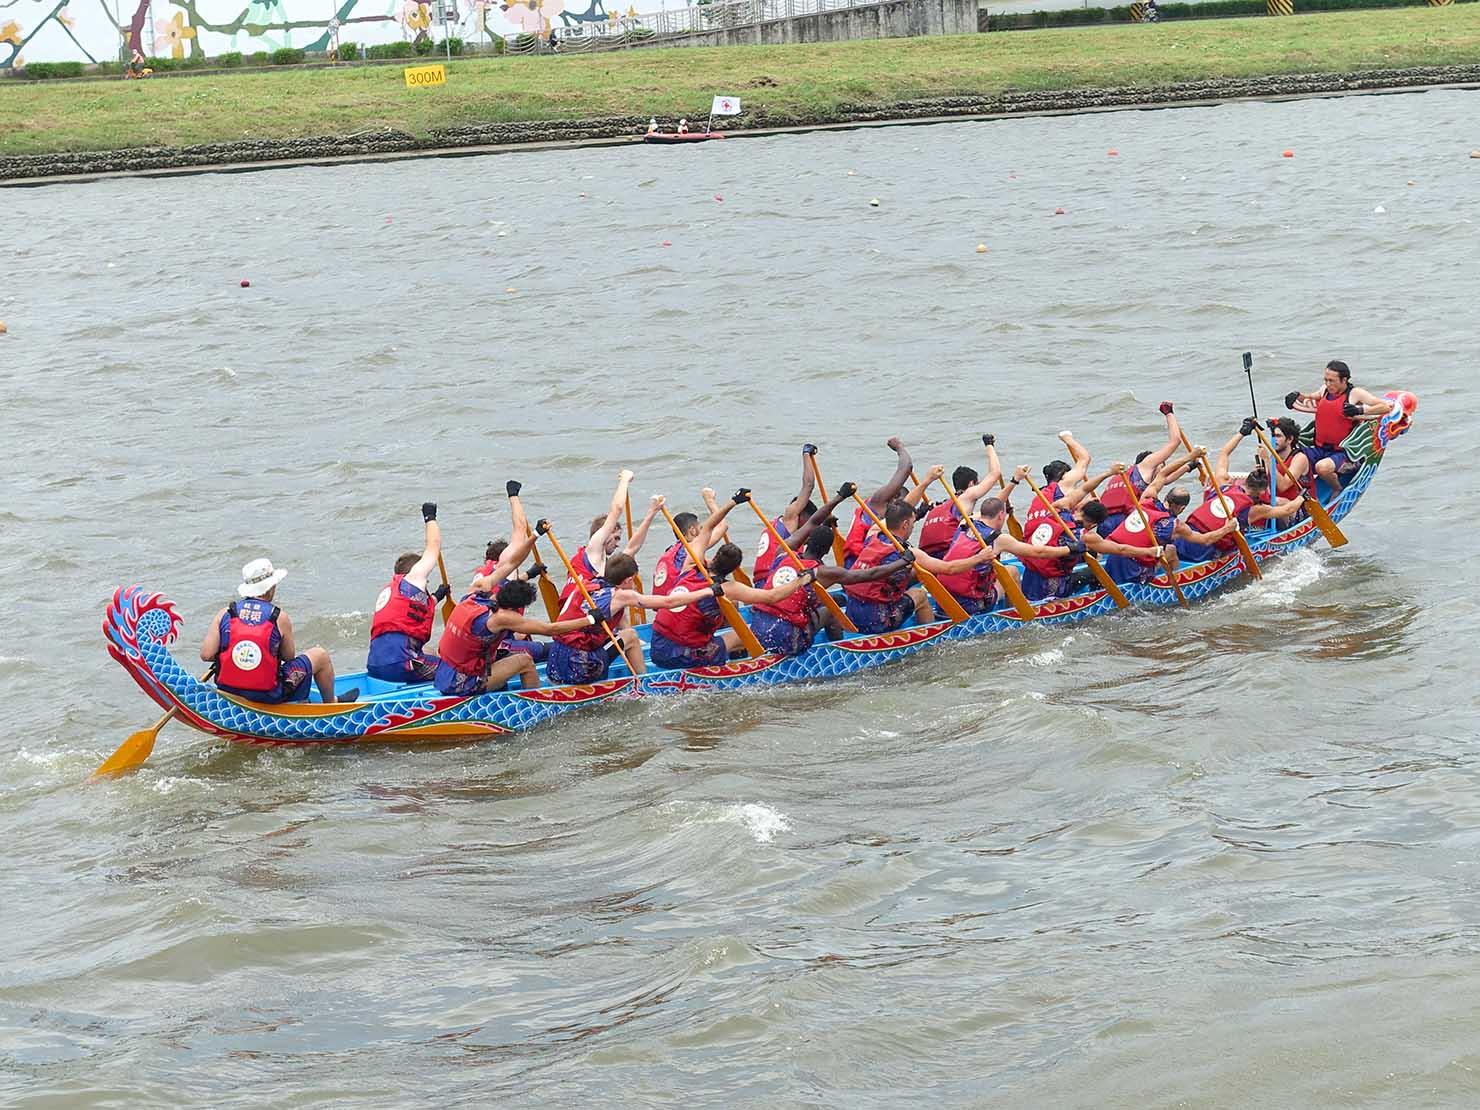 端午節の台北で行われた「龍舟競賽(ドラゴンボートレース)」の試合を終えた選手たち